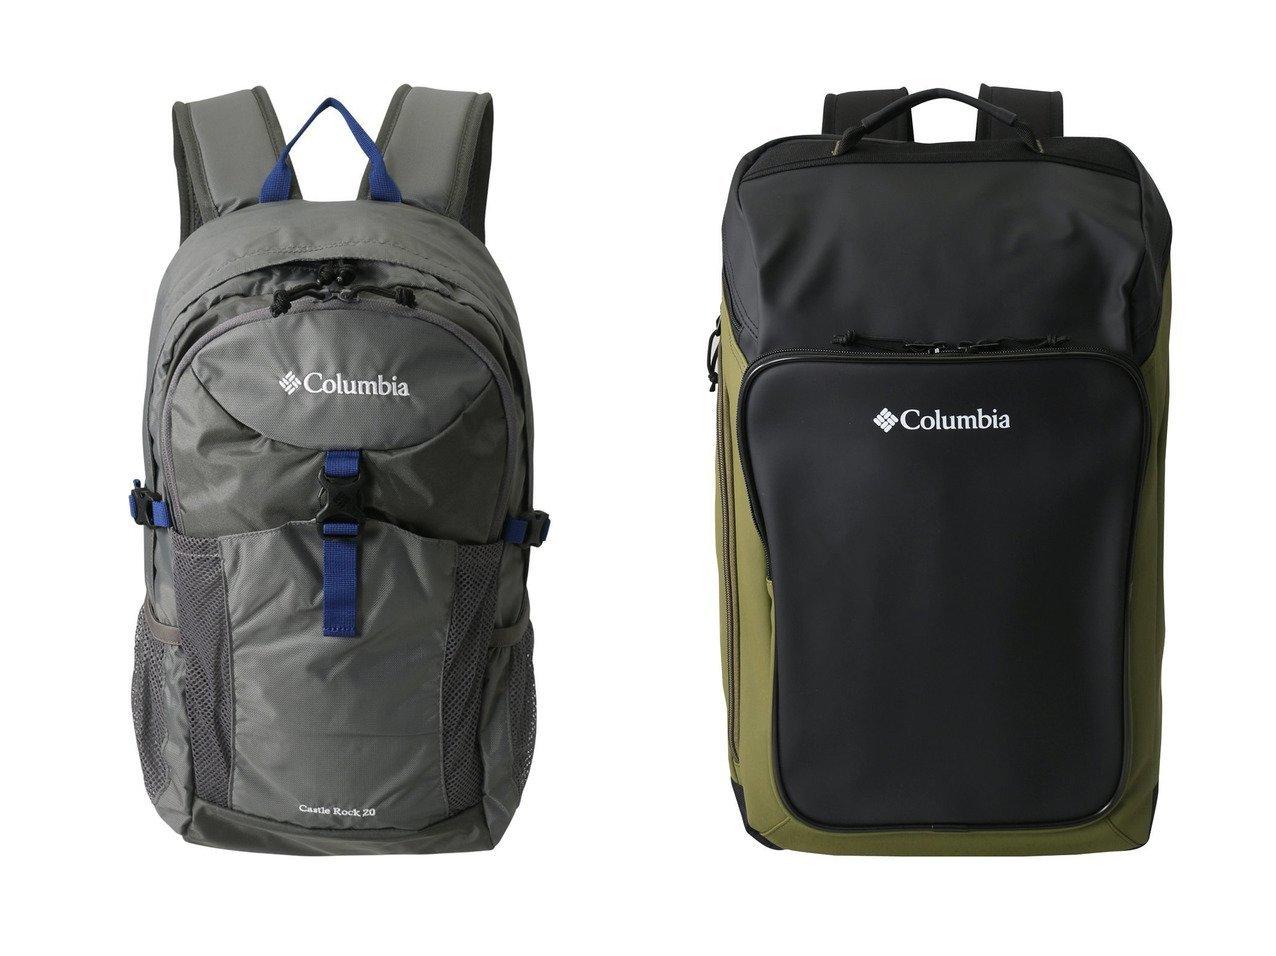 【Columbia/コロンビア】の【UNISEX】キャッスルロック20Lバックパック&【UNISEX】ブレムナースロープ30LバックパックII 【バッグ・鞄】おすすめ!人気、トレンド・レディースファッションの通販 おすすめで人気の流行・トレンド、ファッションの通販商品 インテリア・家具・メンズファッション・キッズファッション・レディースファッション・服の通販 founy(ファニー) https://founy.com/ ファッション Fashion レディースファッション WOMEN バッグ Bag スポーツウェア Sportswear スポーツ バッグ/ポーチ Bag UNISEX シンプル スポーツ ポケット |ID:crp329100000069208